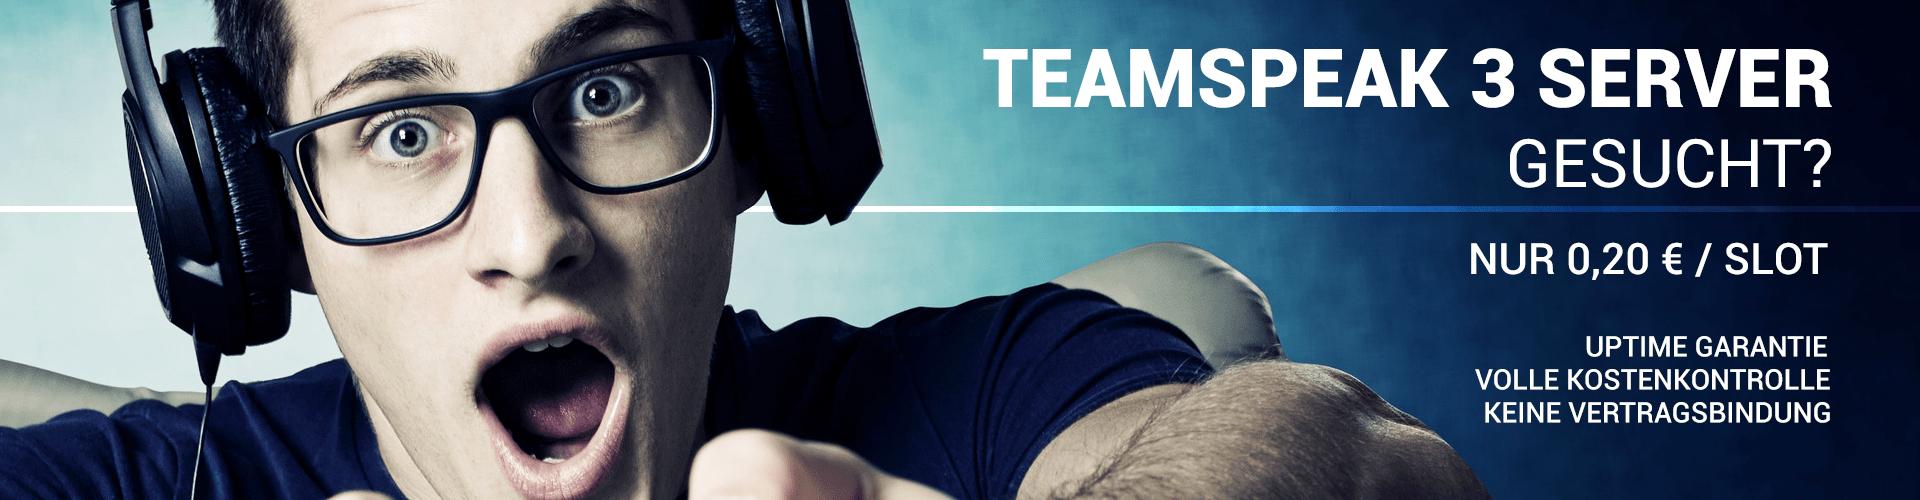 Günstige Prepaid TeamSpeak3 Server ab 0,20€ pro Monat